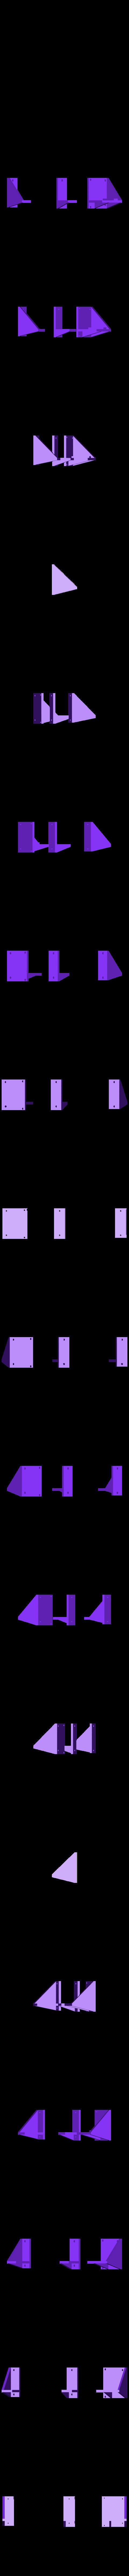 RUMBA_halterung.stl Télécharger fichier STL gratuit Etui à Rumba pour Prusa i3 Hephestos • Modèle pour imprimante 3D, Rusichar